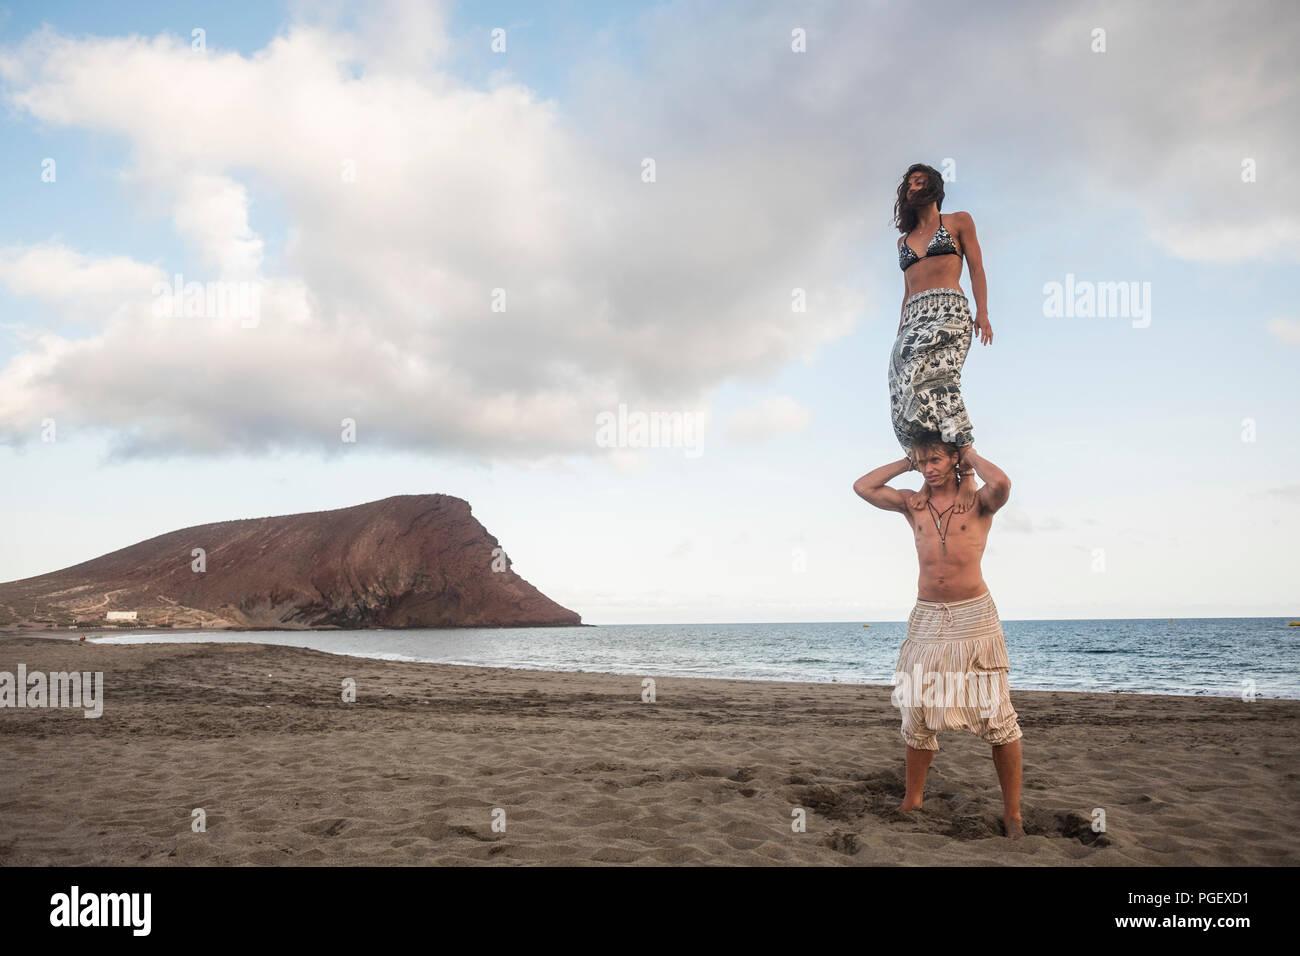 Position acrobatique balnced pour belle brave couple homme et femme jeunes debout à un de l'autre à la plage de l'océan avec en arrière-plan. extr Photo Stock